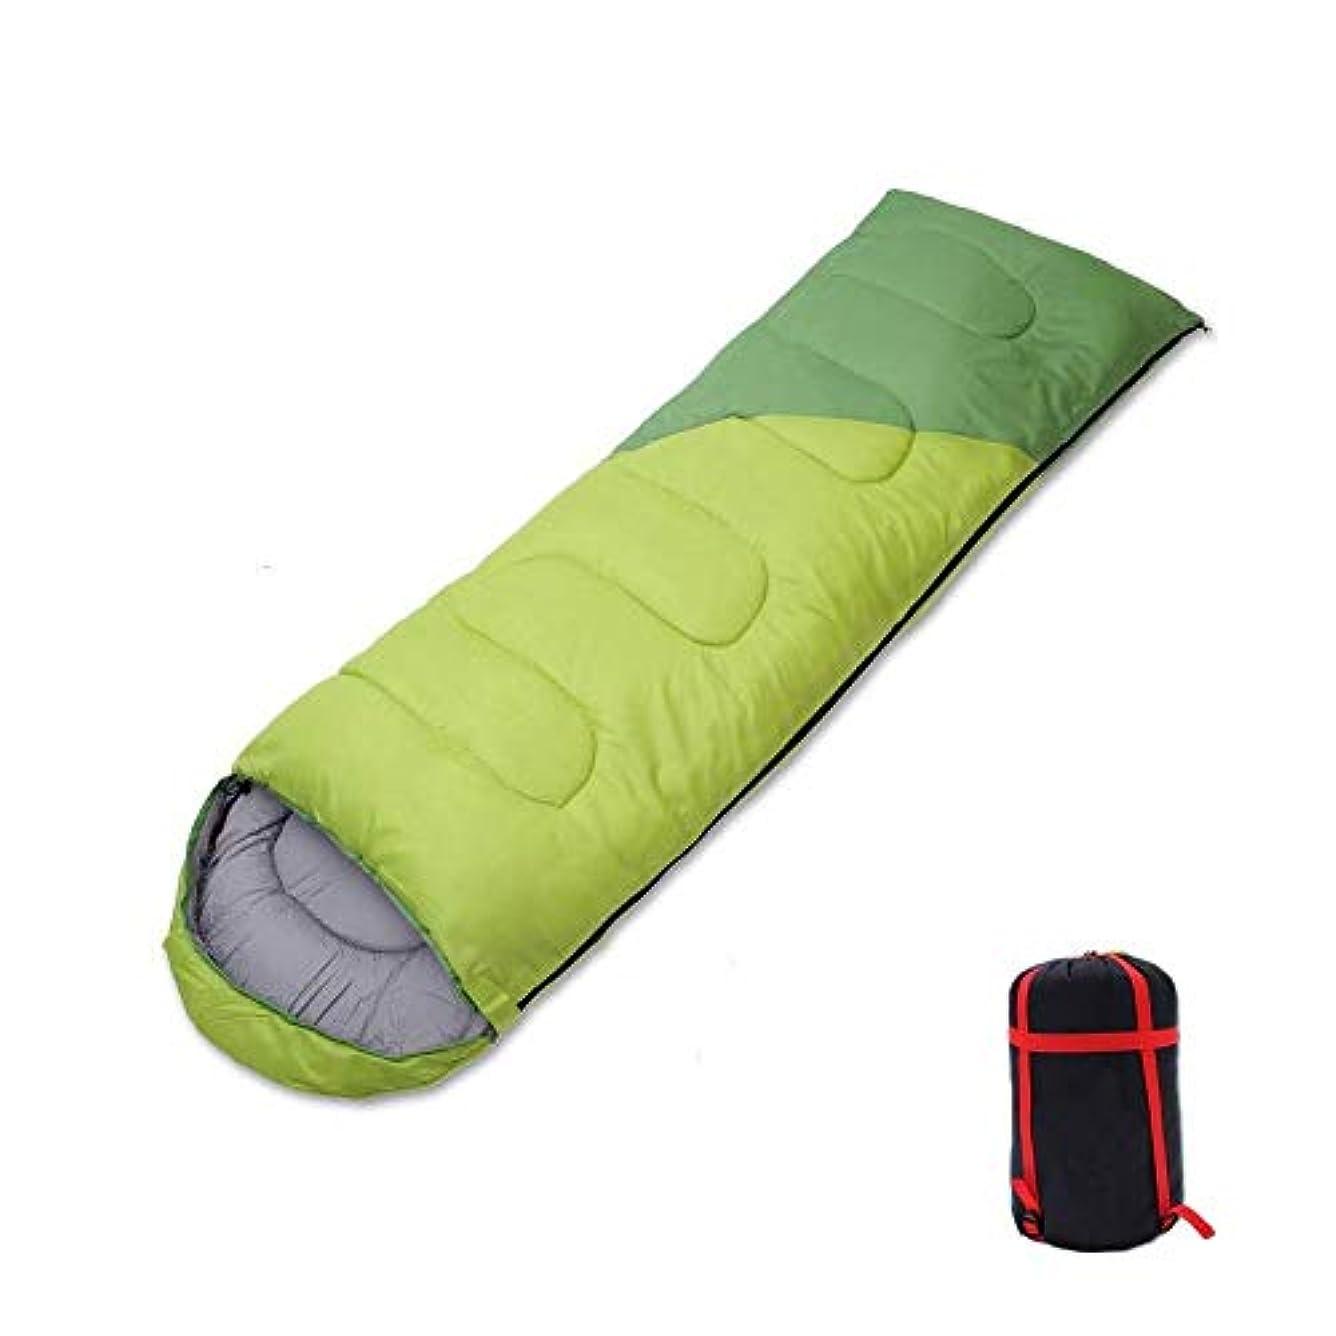 悔い改め便利さドナー大人のキャンプの寝袋軽量防水3-4シーズンスリーピングマットハイキングバックパックハイキング屋内と屋外のアクティビティブルーグリーン(色:緑)